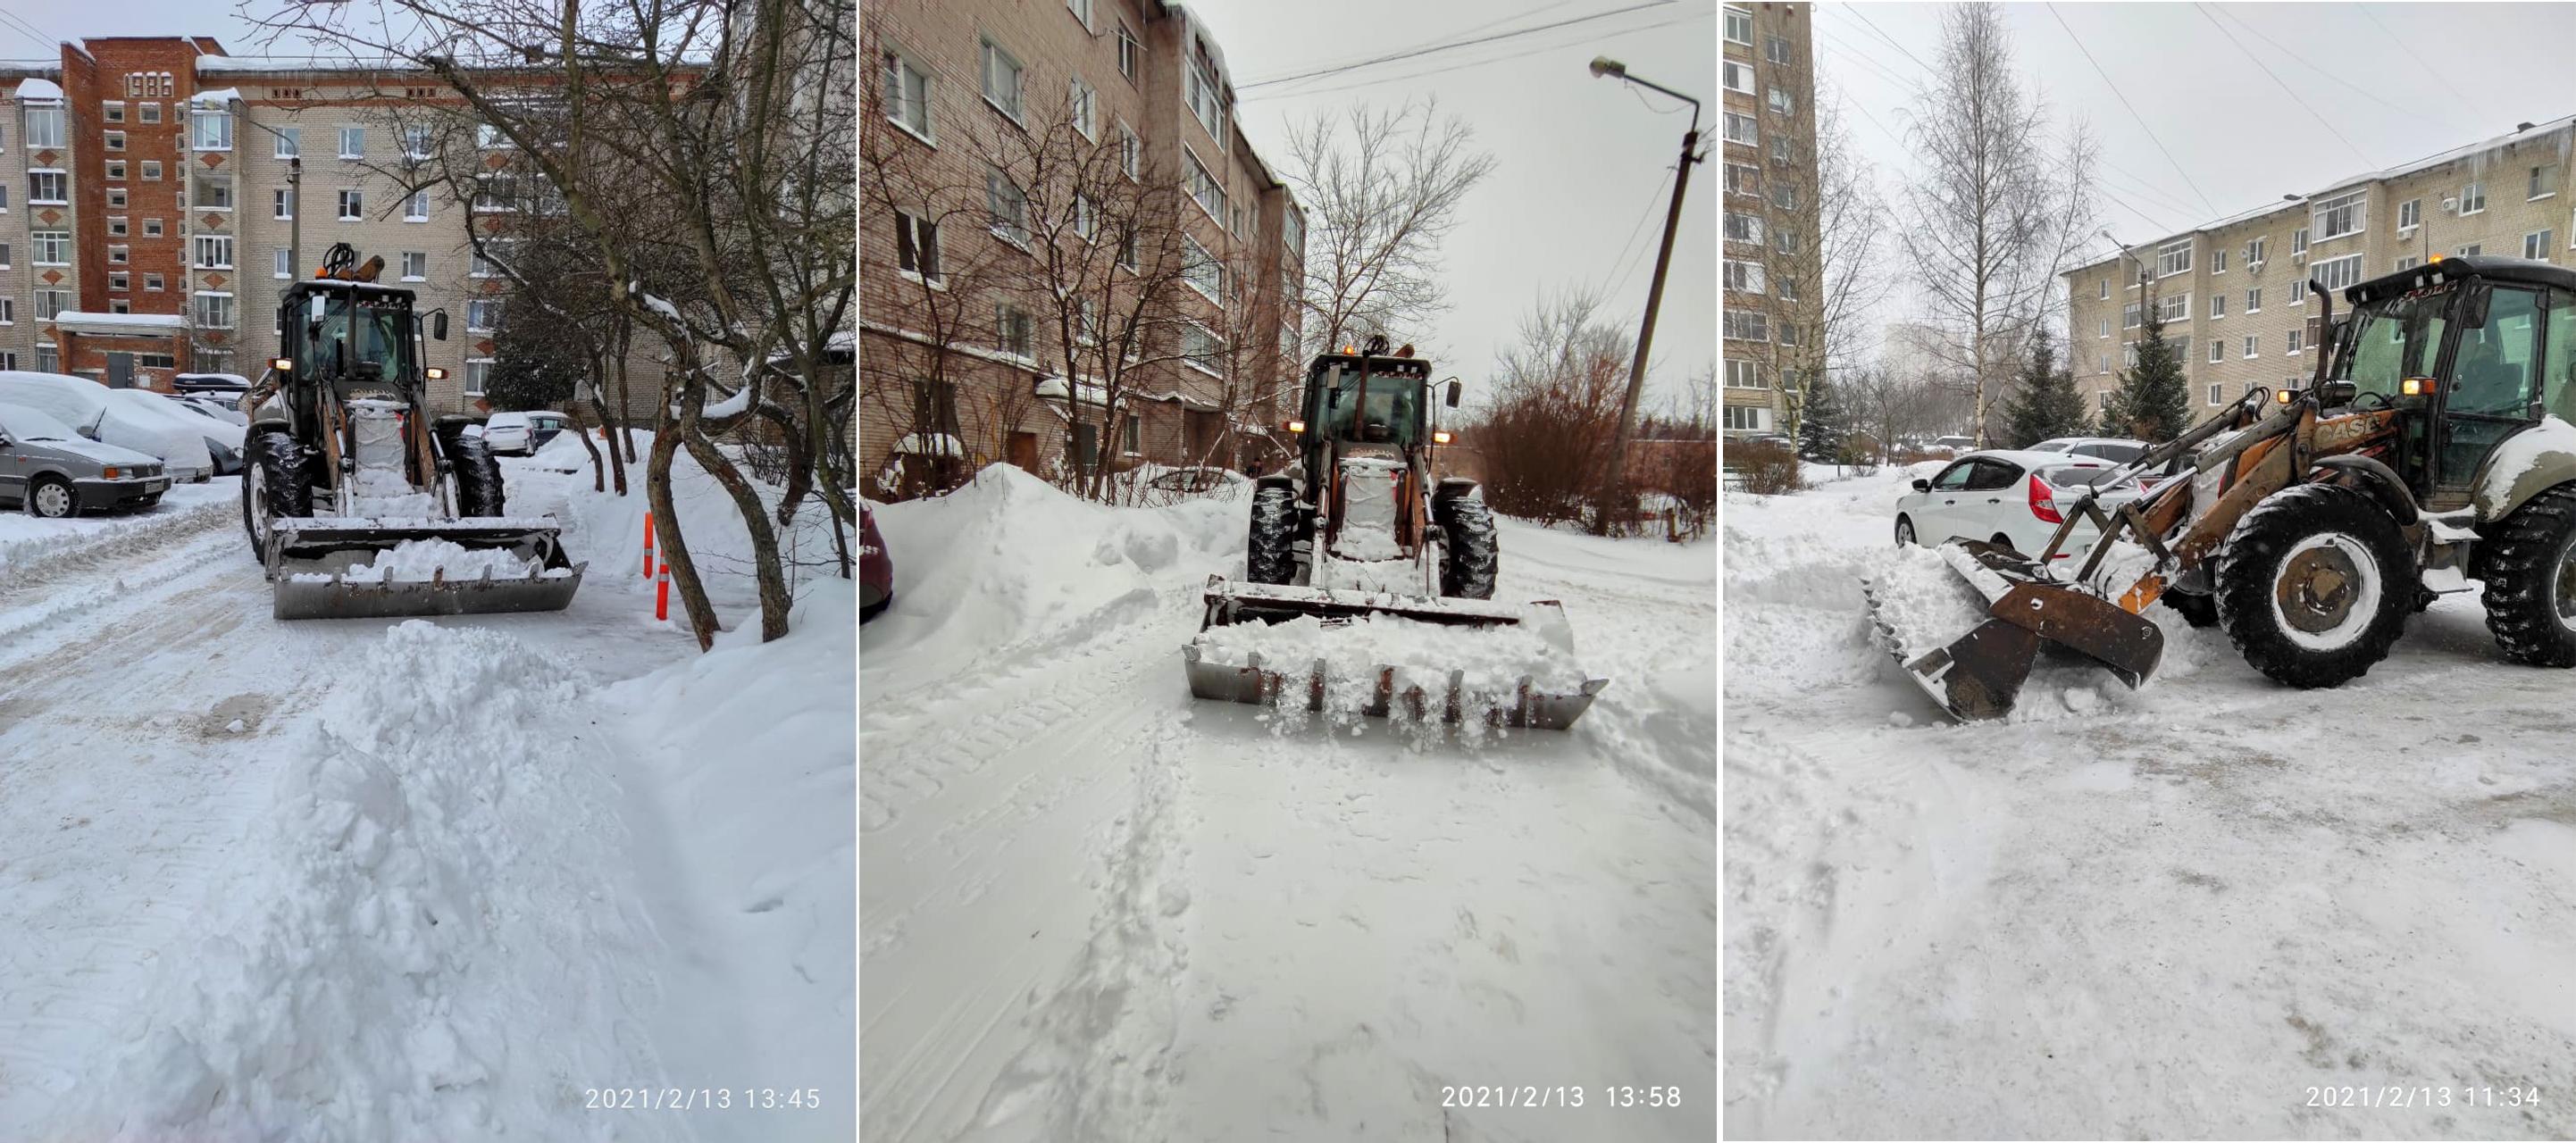 Ликвидация последствий рекордного снегопада в микрорайоне Северный